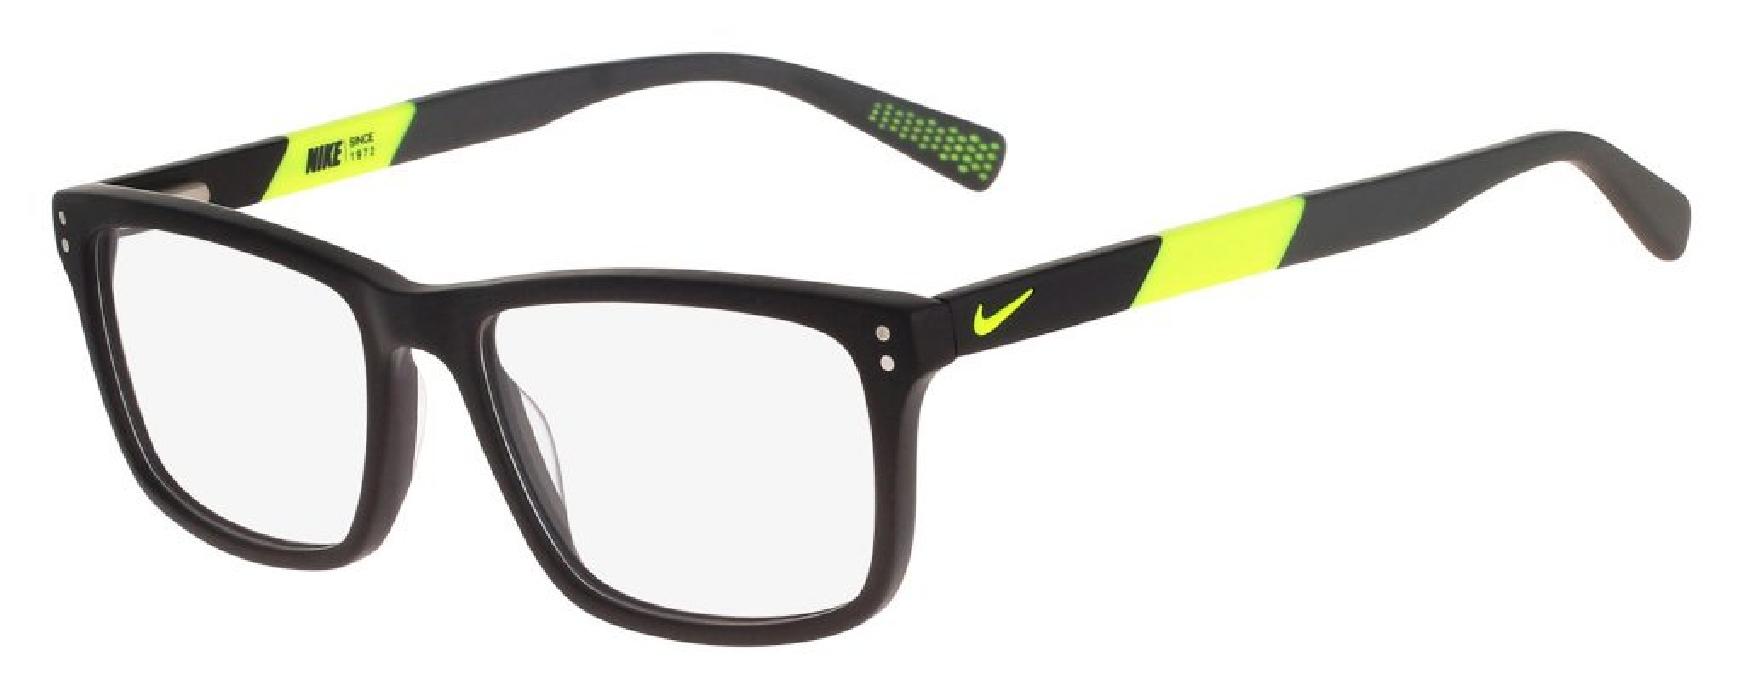 An image of Nike 7238 Matte Black-Volt